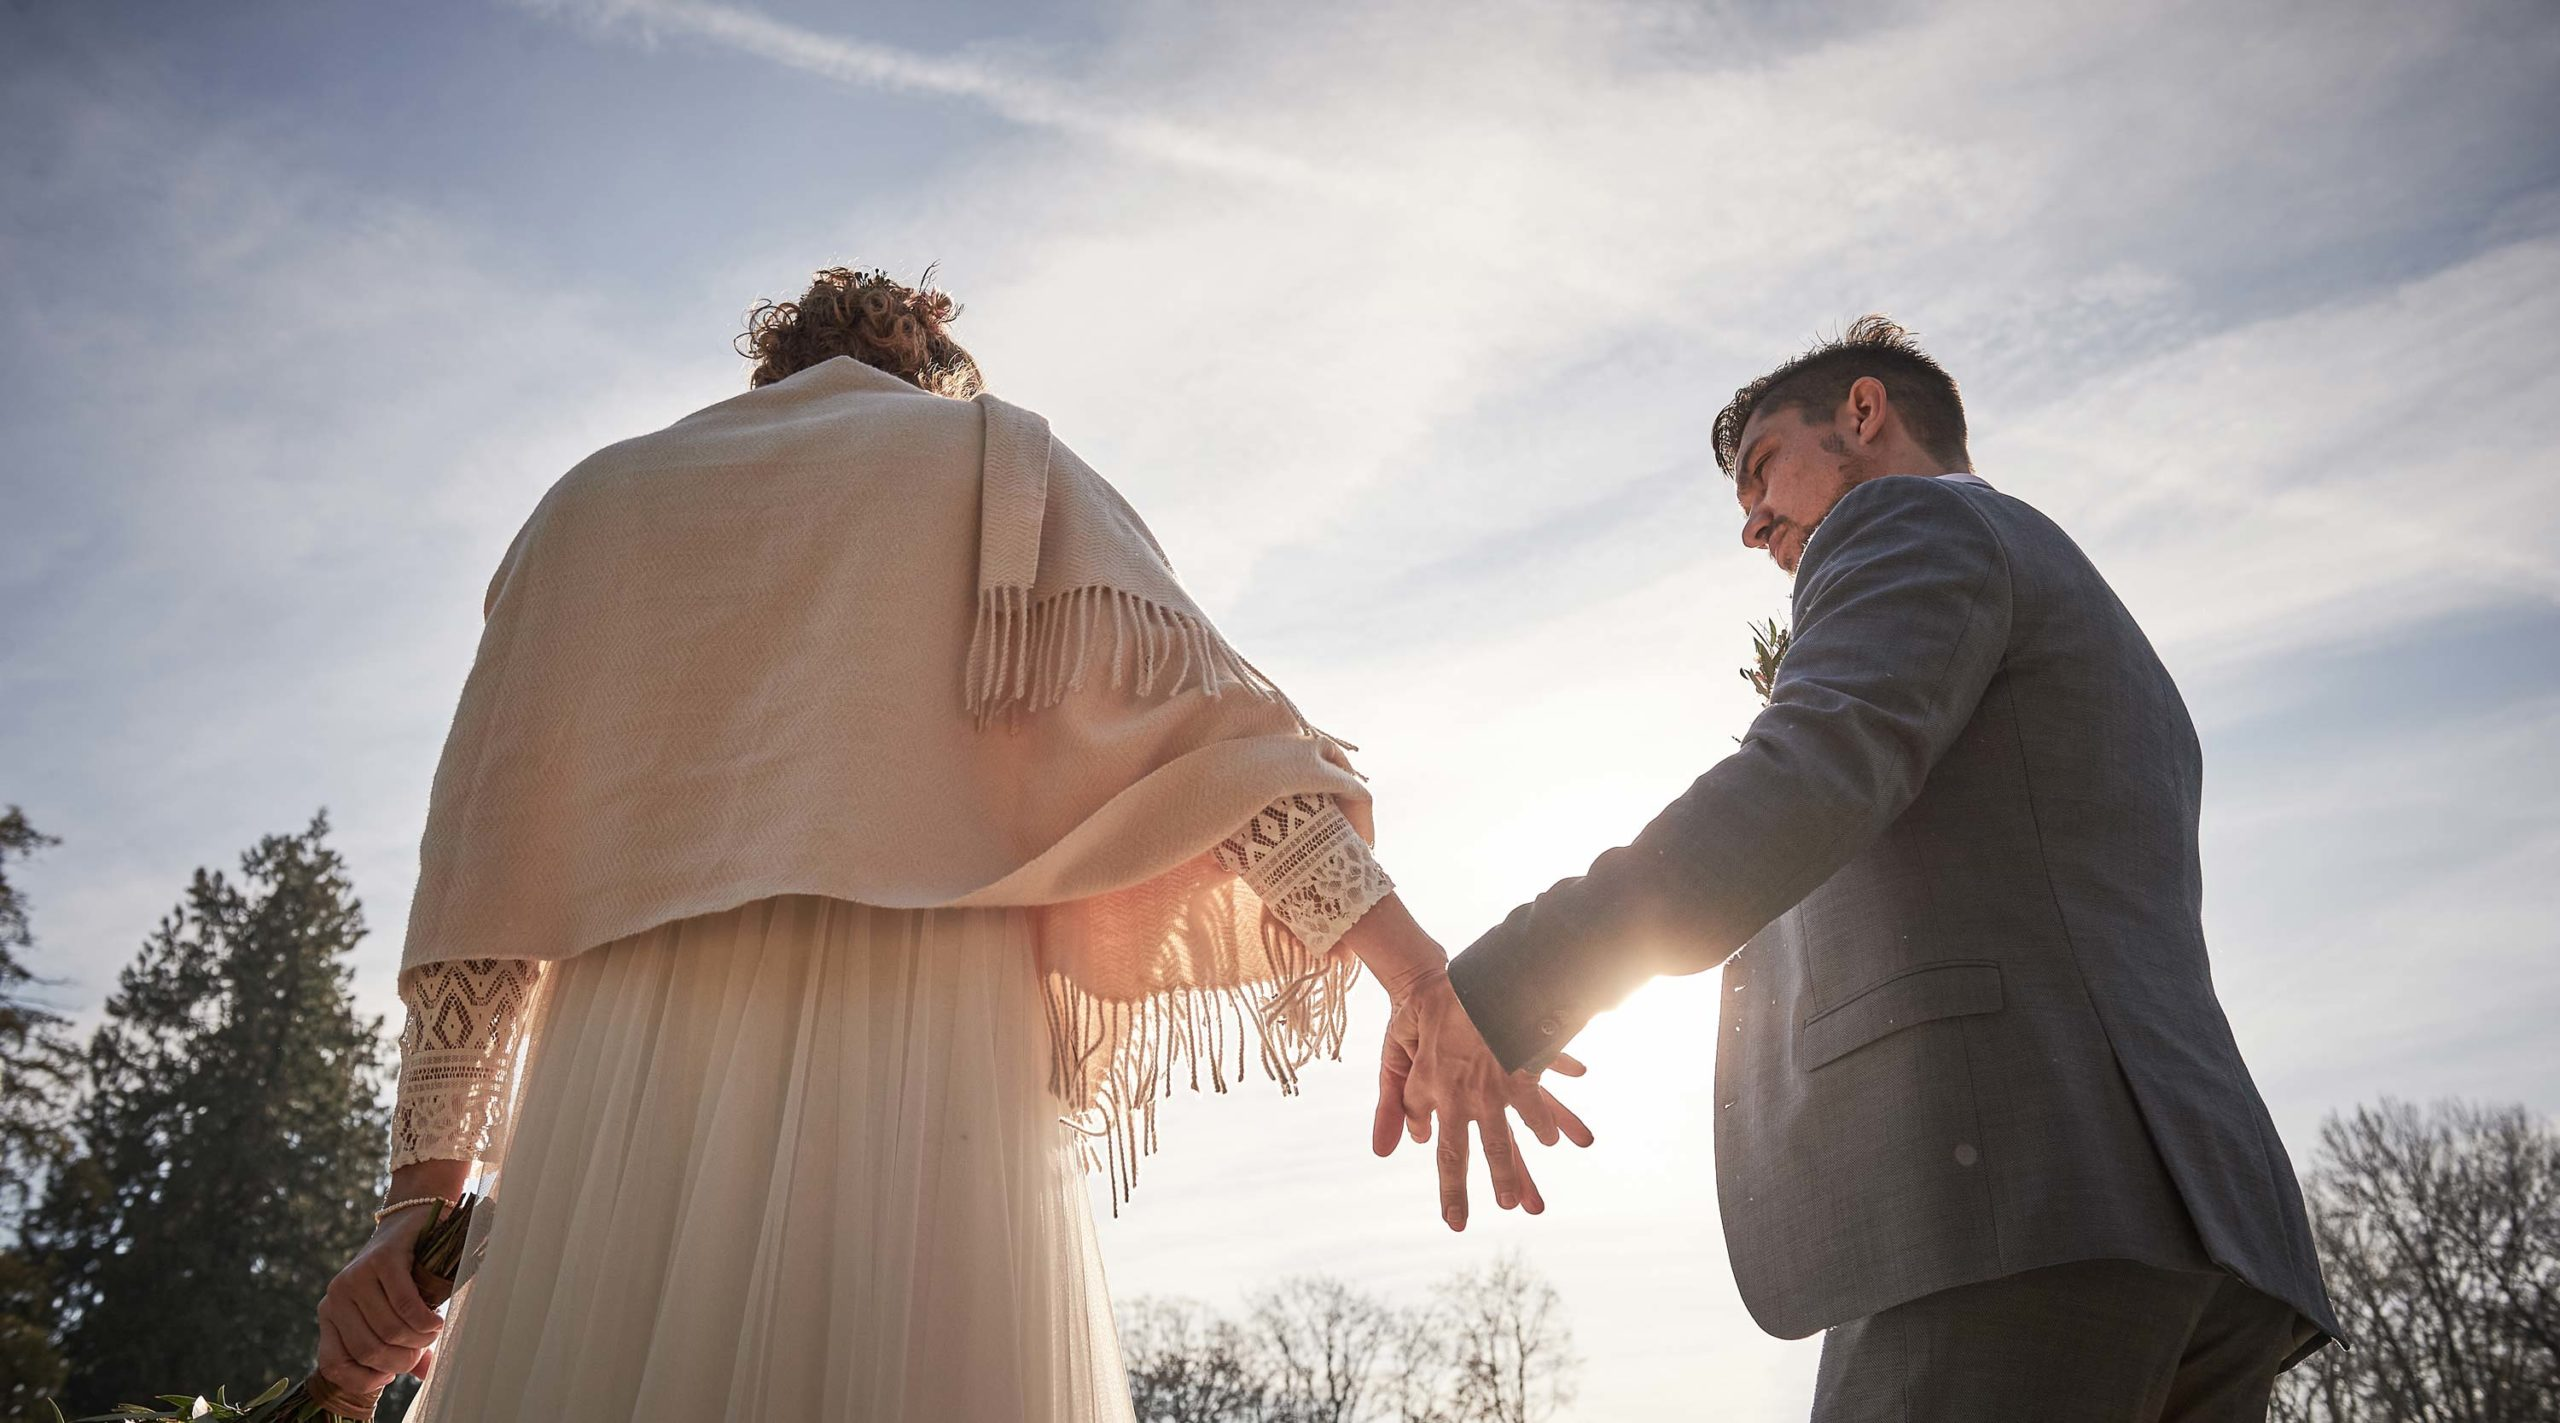 Gloria_und_Lukas_Fischer_Hochzeit_-740-scaled